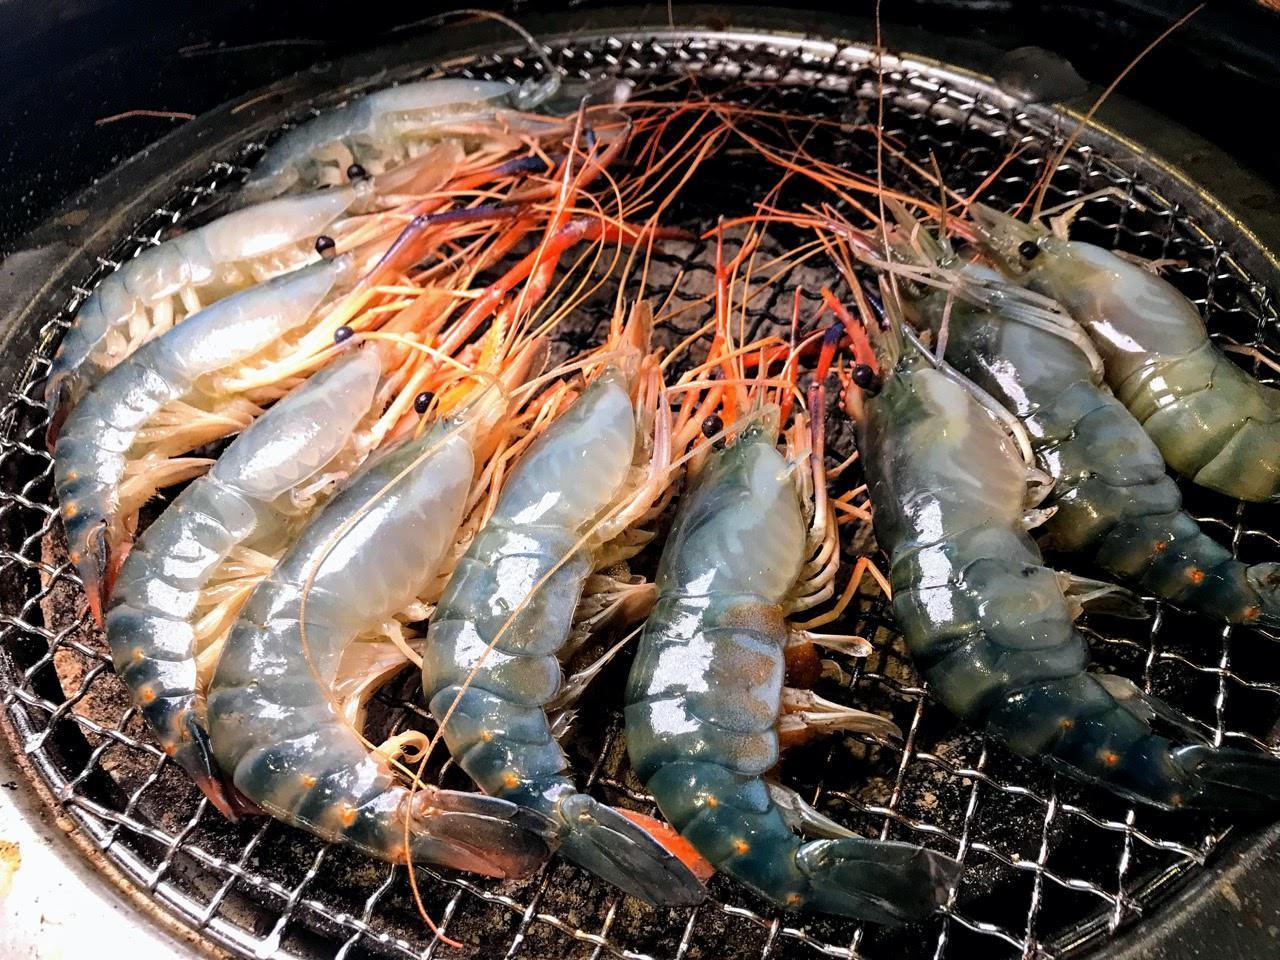 【台南|東區】 尖叫 SCREAM 精緻炭火燒肉 台南旗艦店|藍光蝦水道|燒肉吃到飽